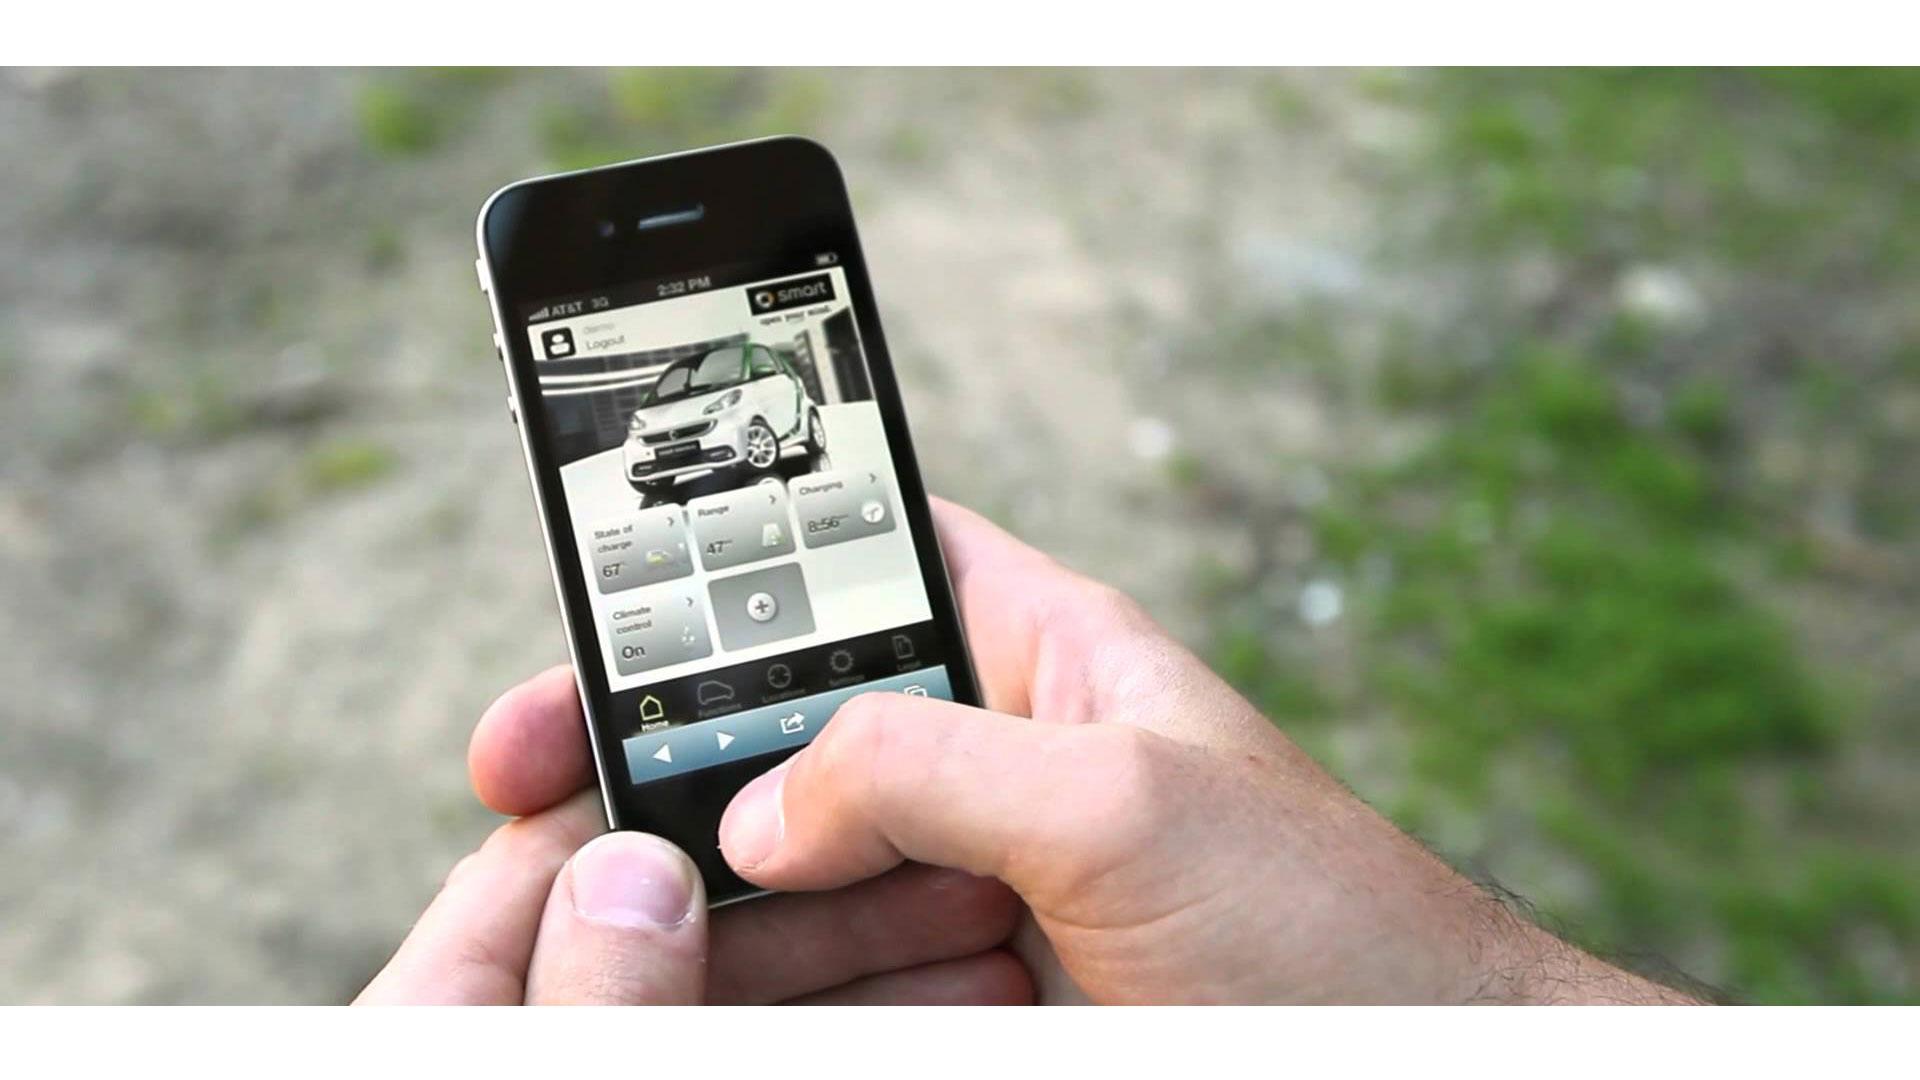 Ferrari y Banco Santander presentan Drive Smart, una app que analiza y mejora la conducción utilizando la misma tecnología que la F1